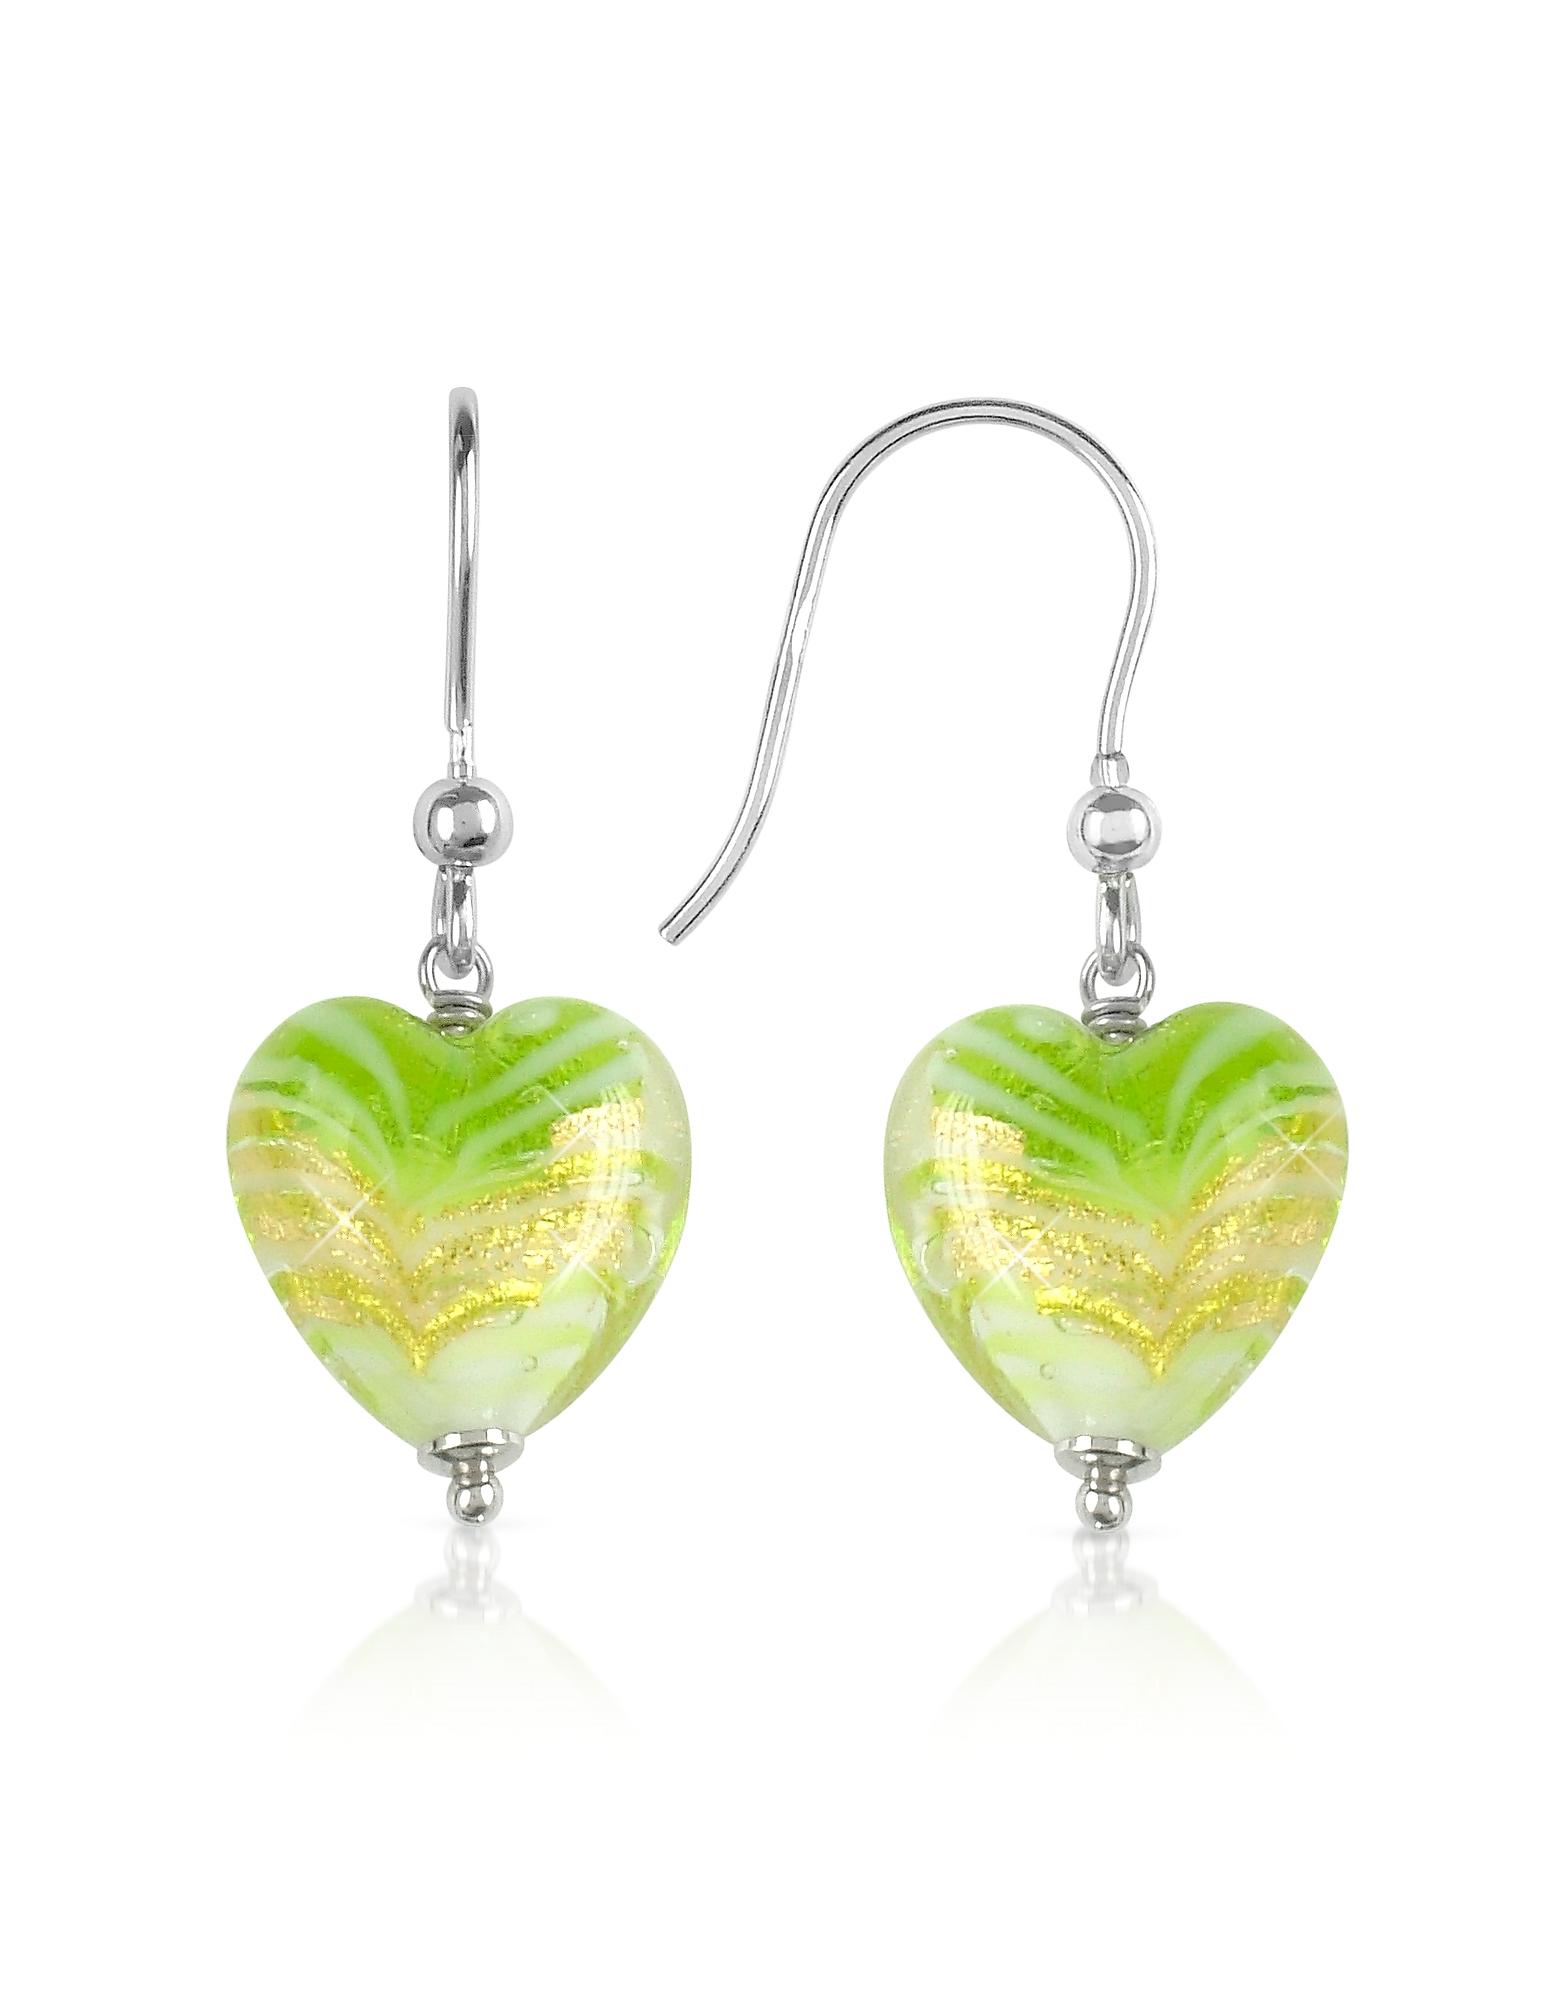 Mare - Серьги с Лимонно-зелеными Сердечками из Стекла Мурано